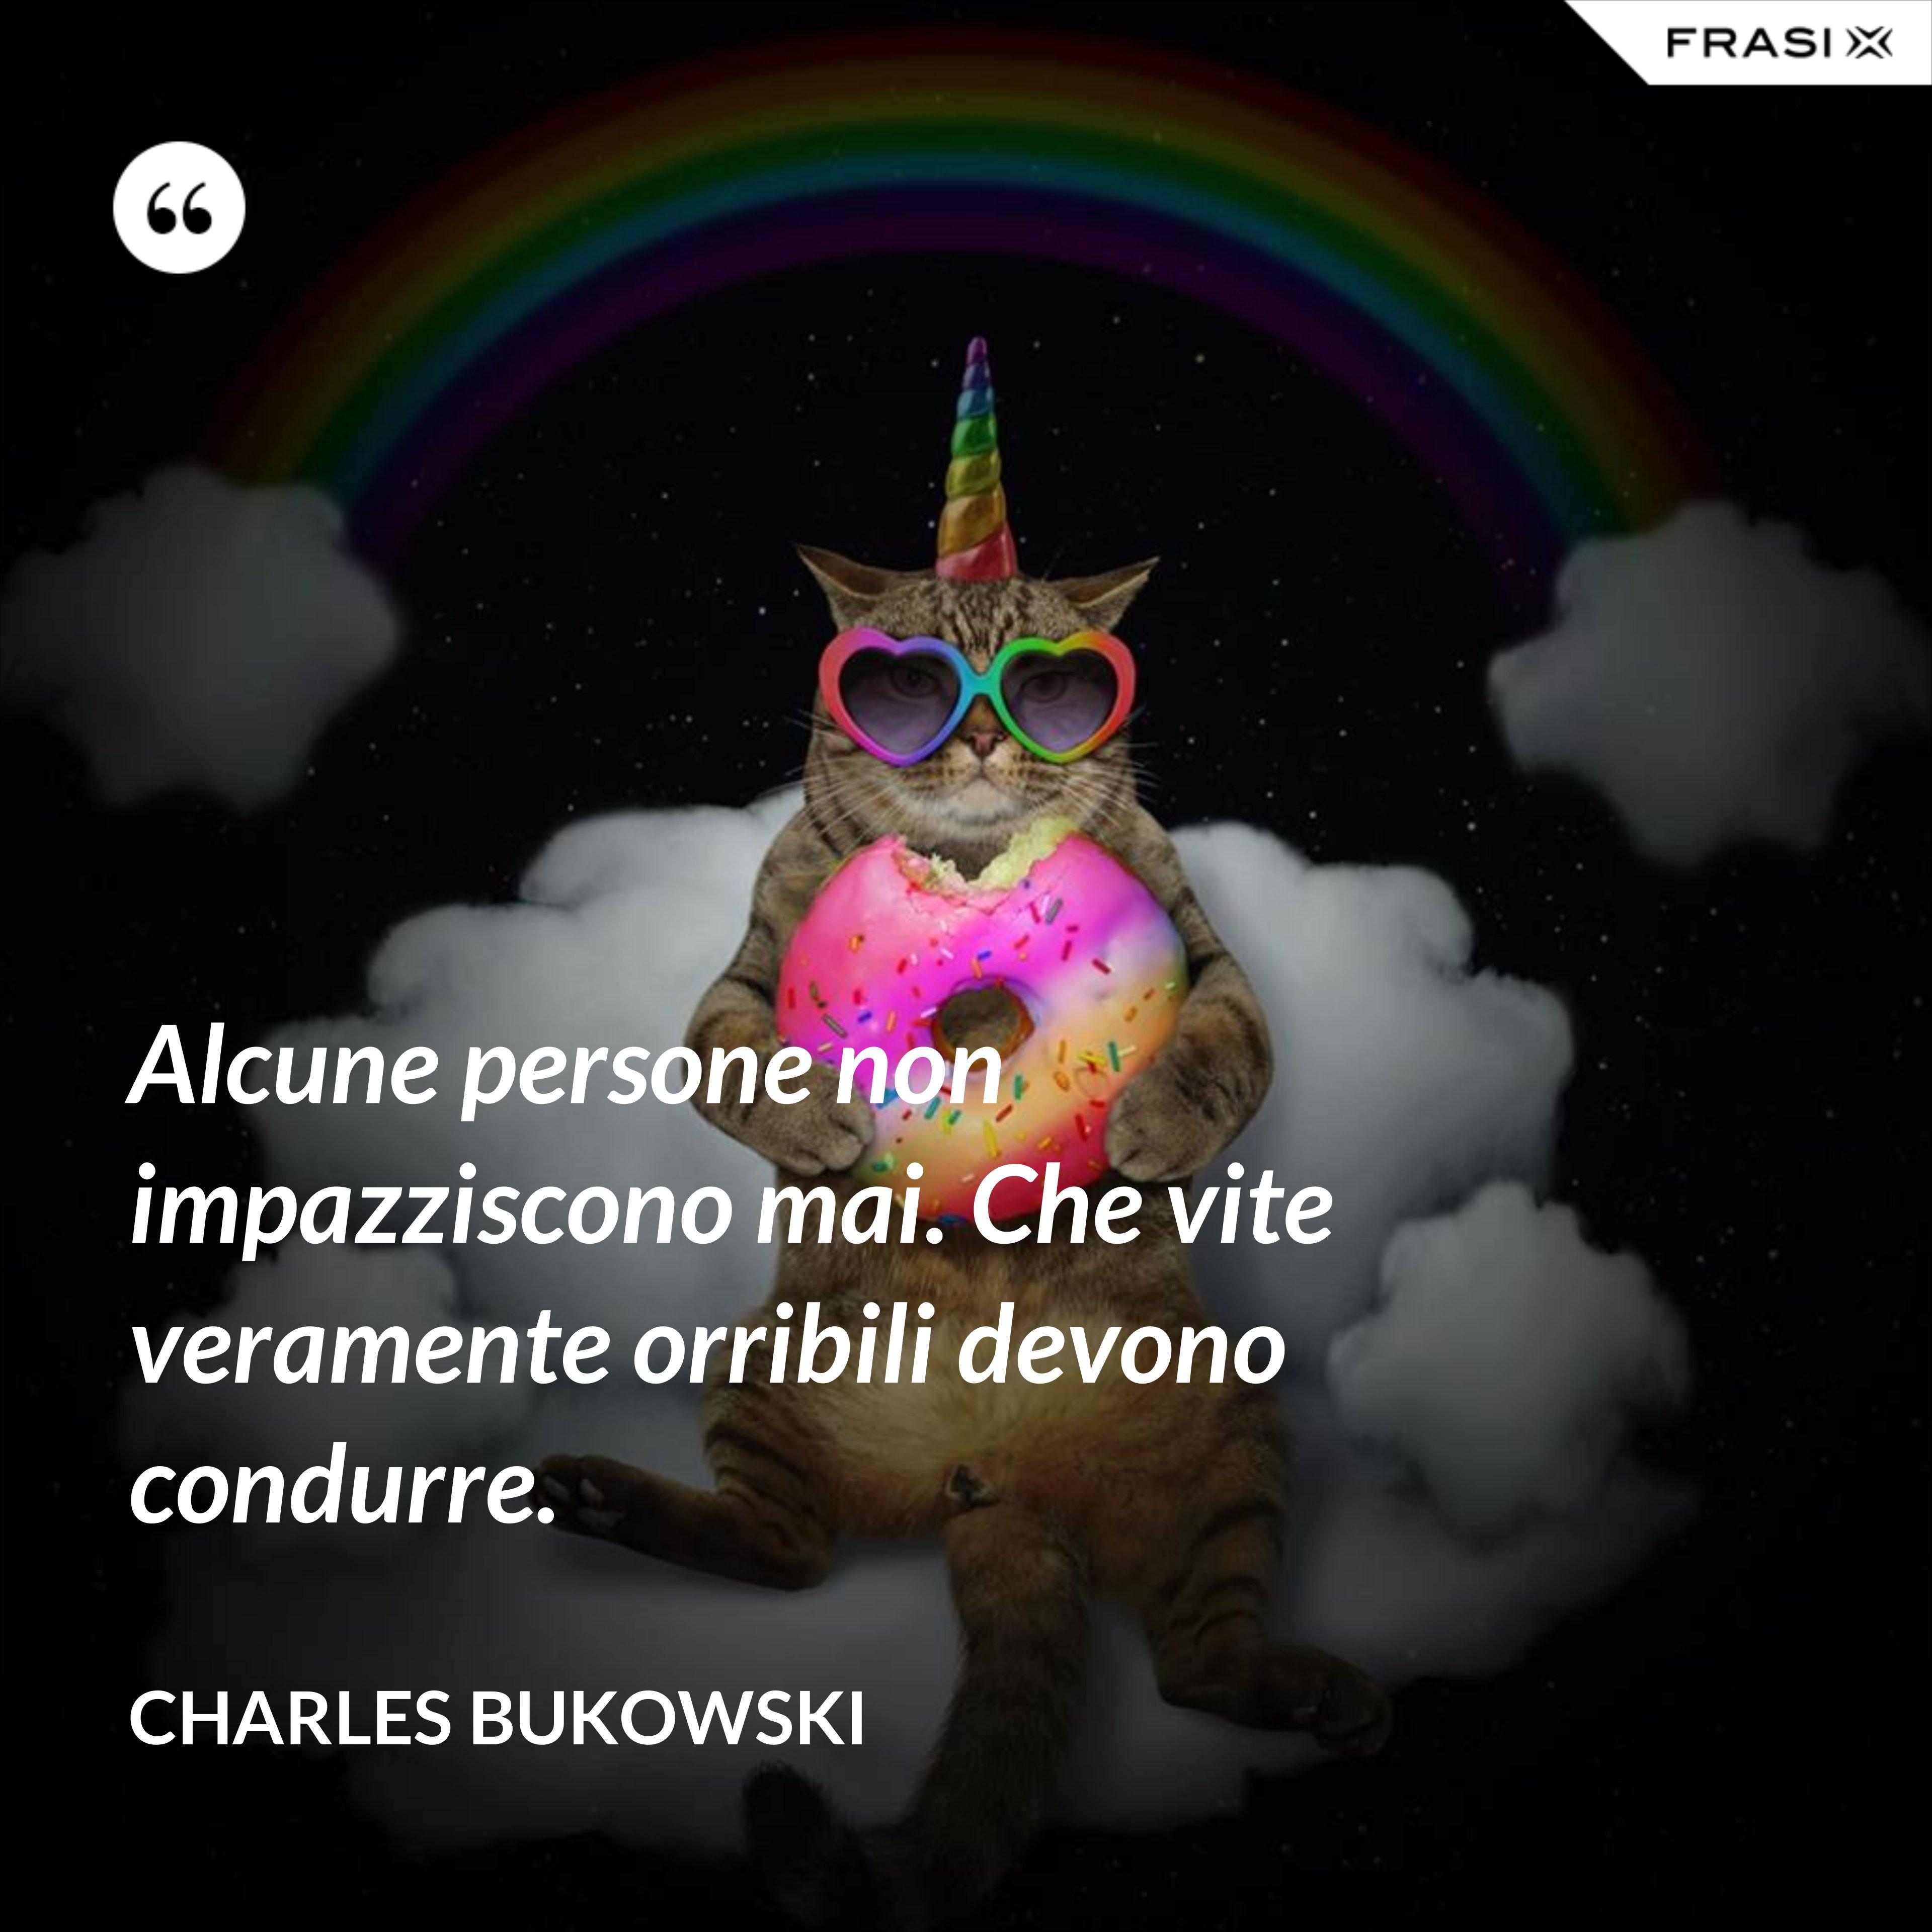 Alcune persone non impazziscono mai. Che vite veramente orribili devono condurre. - Charles Bukowski